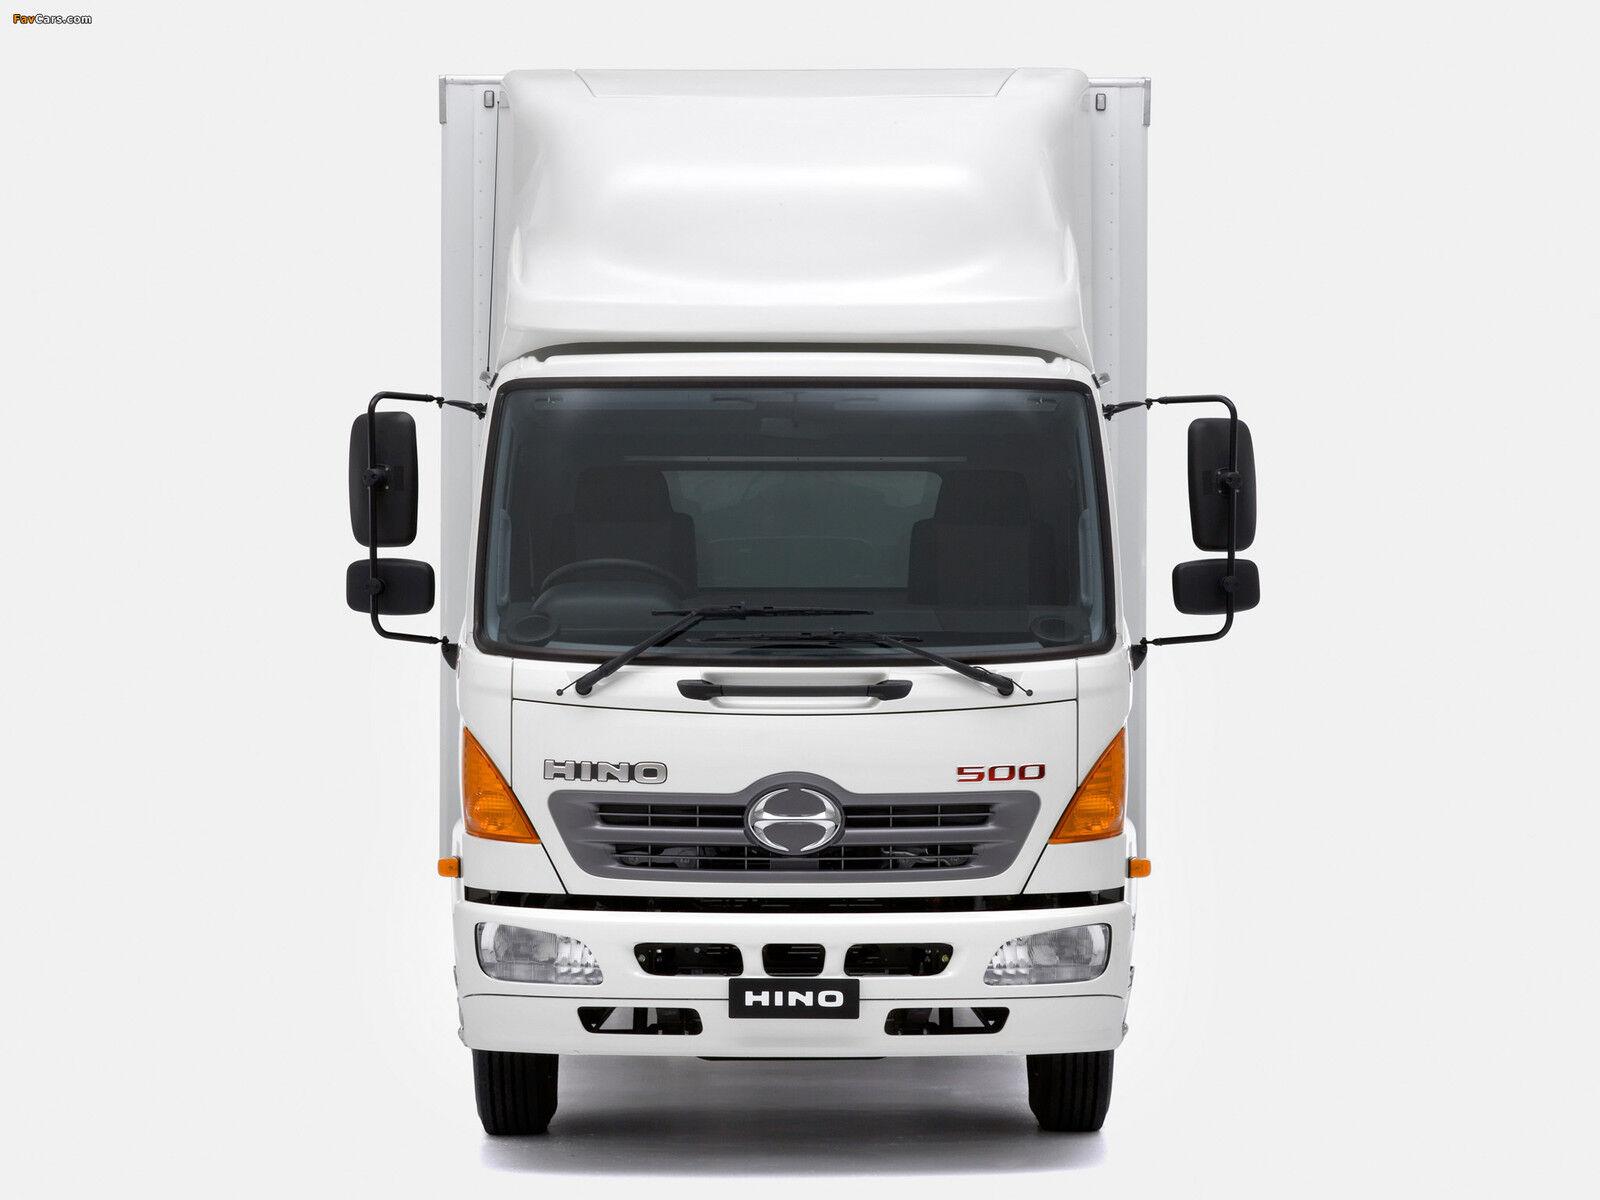 hino fd fe ff sg fa fb series j08c j05c diesel workshop service rh ebay com au Hino FB Bus FC Hino Chassis